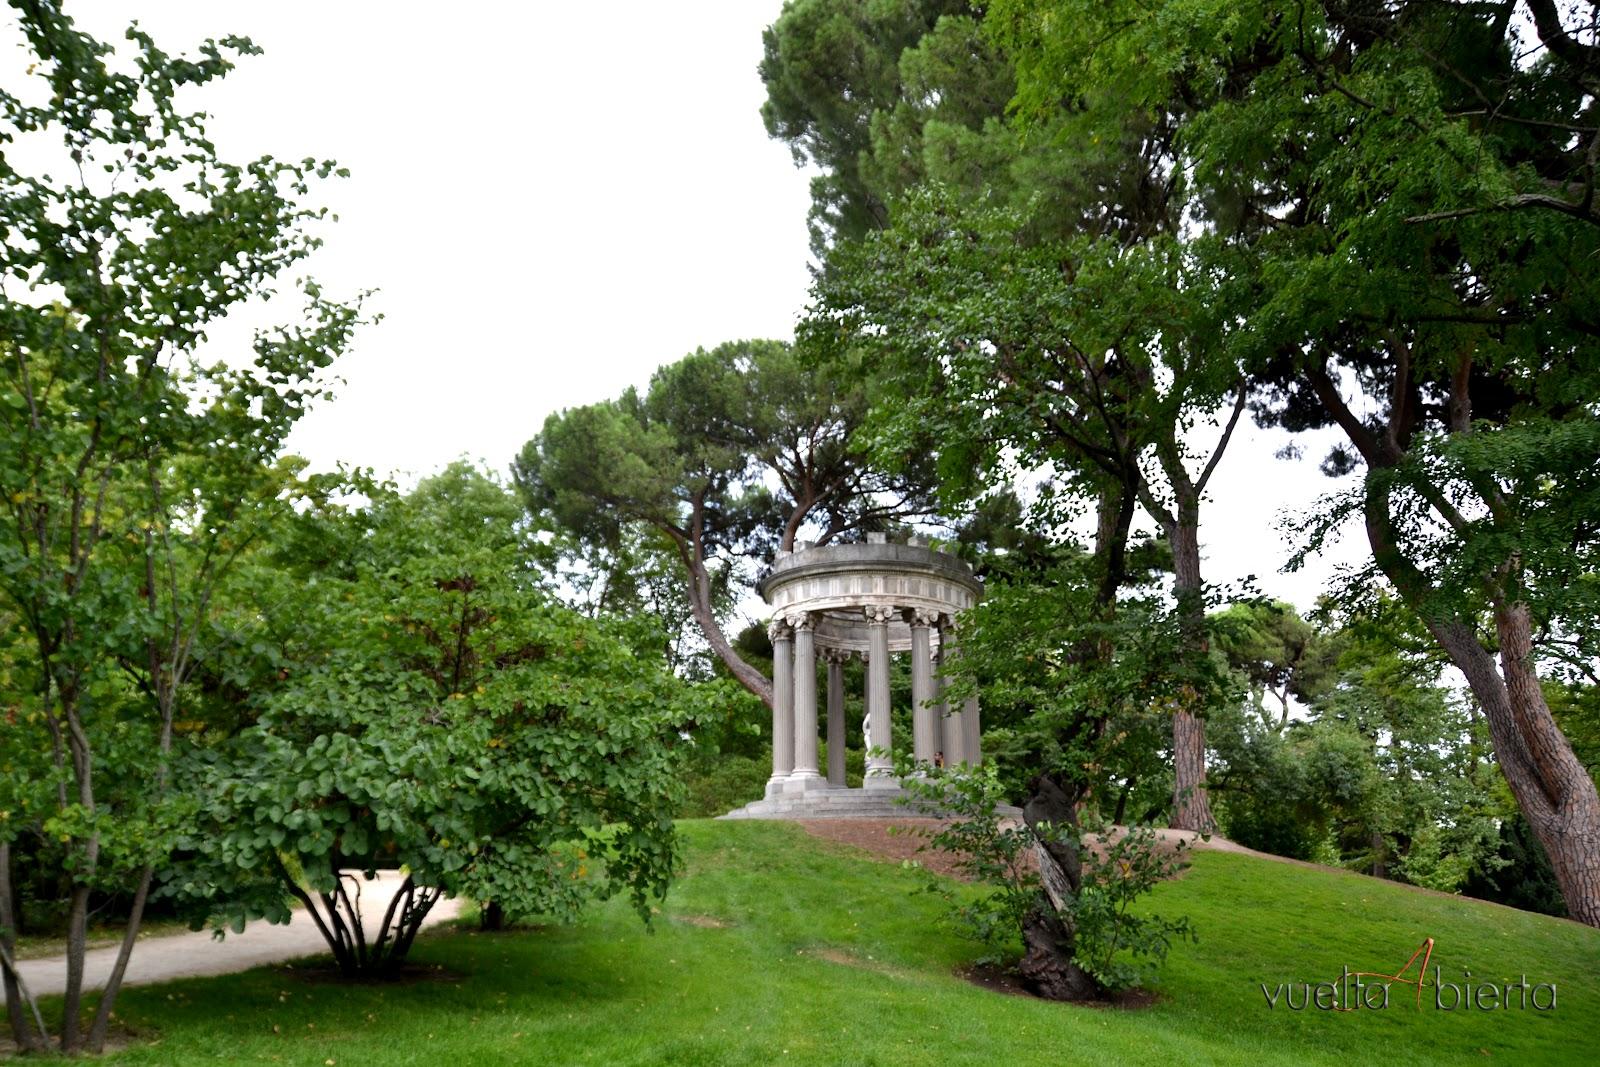 Vuelta abierta blog de viajes jard n el capricho madrid for Jardines el capricho